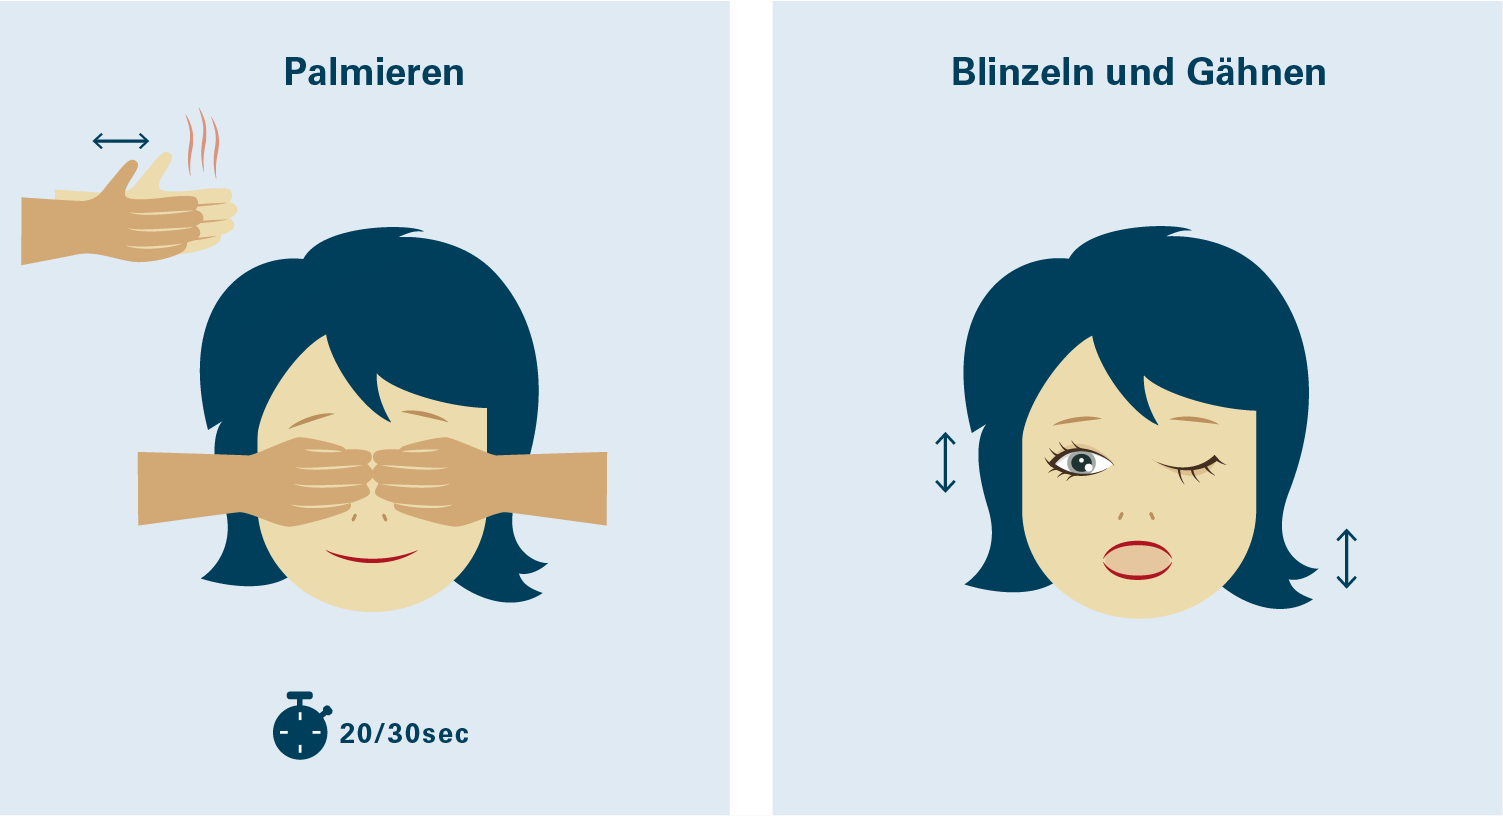 Augentraining schematisch dargestellt - Blinzeln und Gähnen sowie Palmieren.